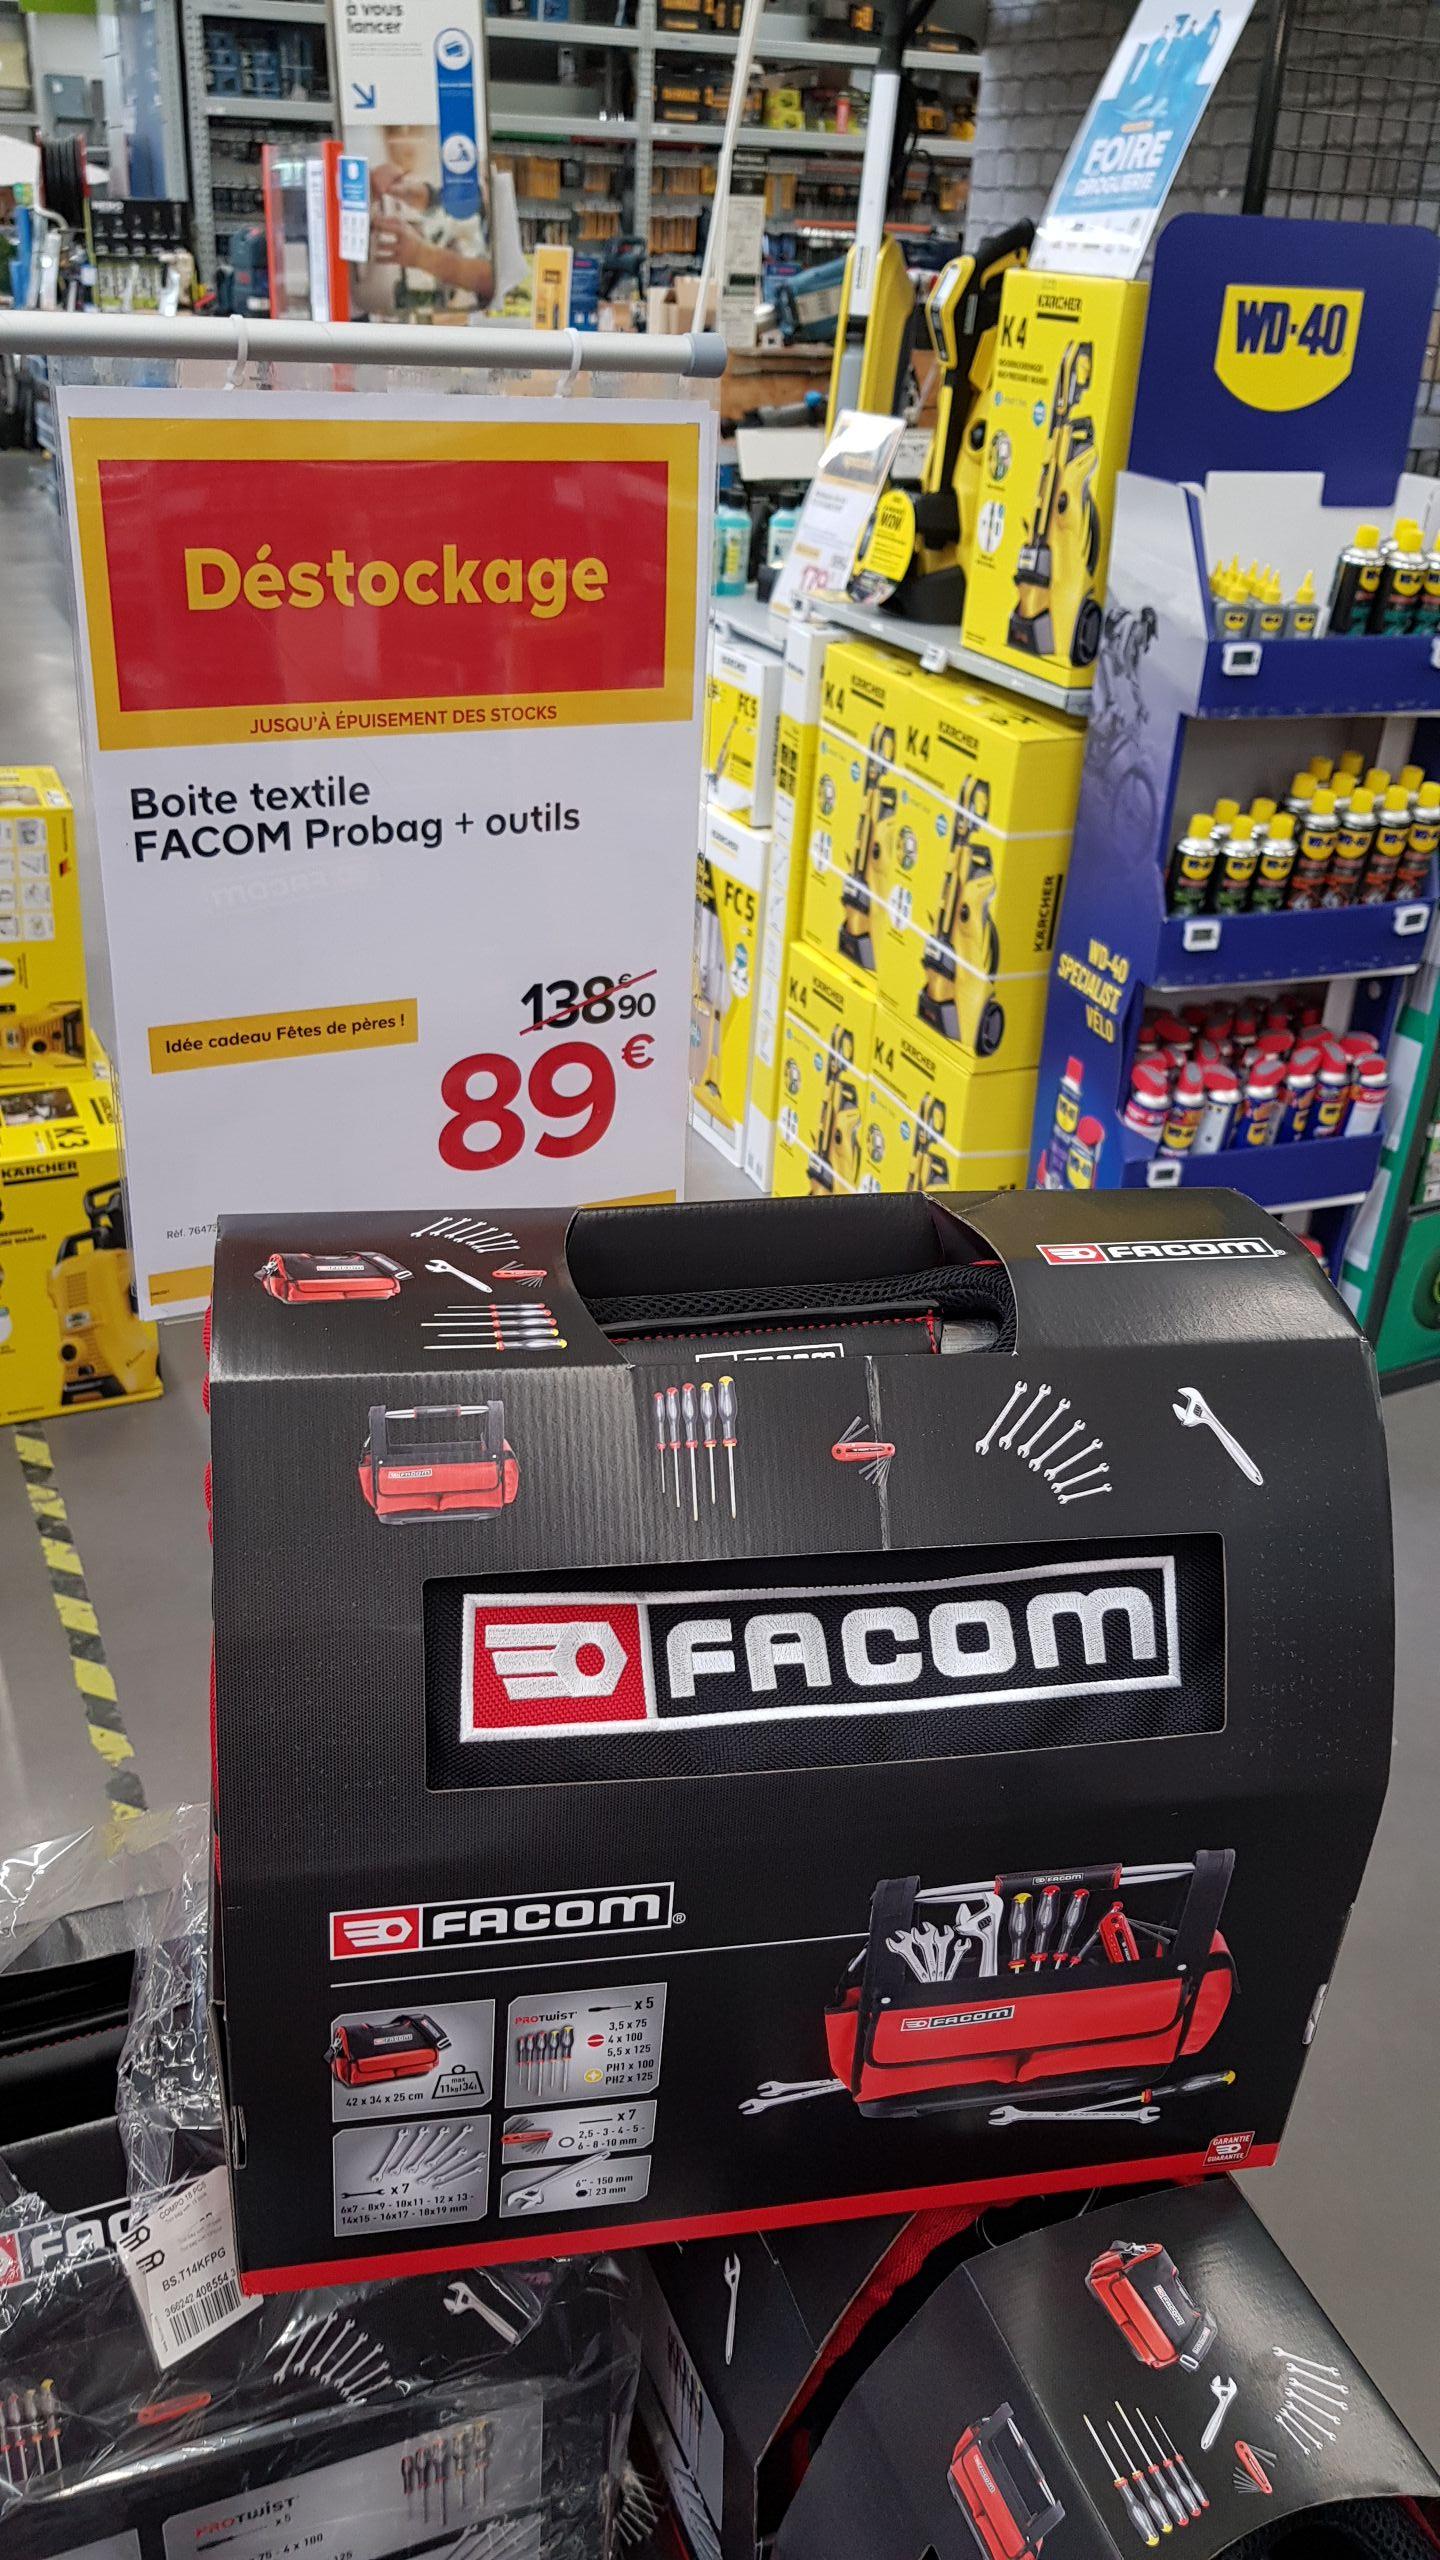 Caisse à outils Facom Probag + 18 outils + glaciaire offerte (via ODR) - Perpignan (66)